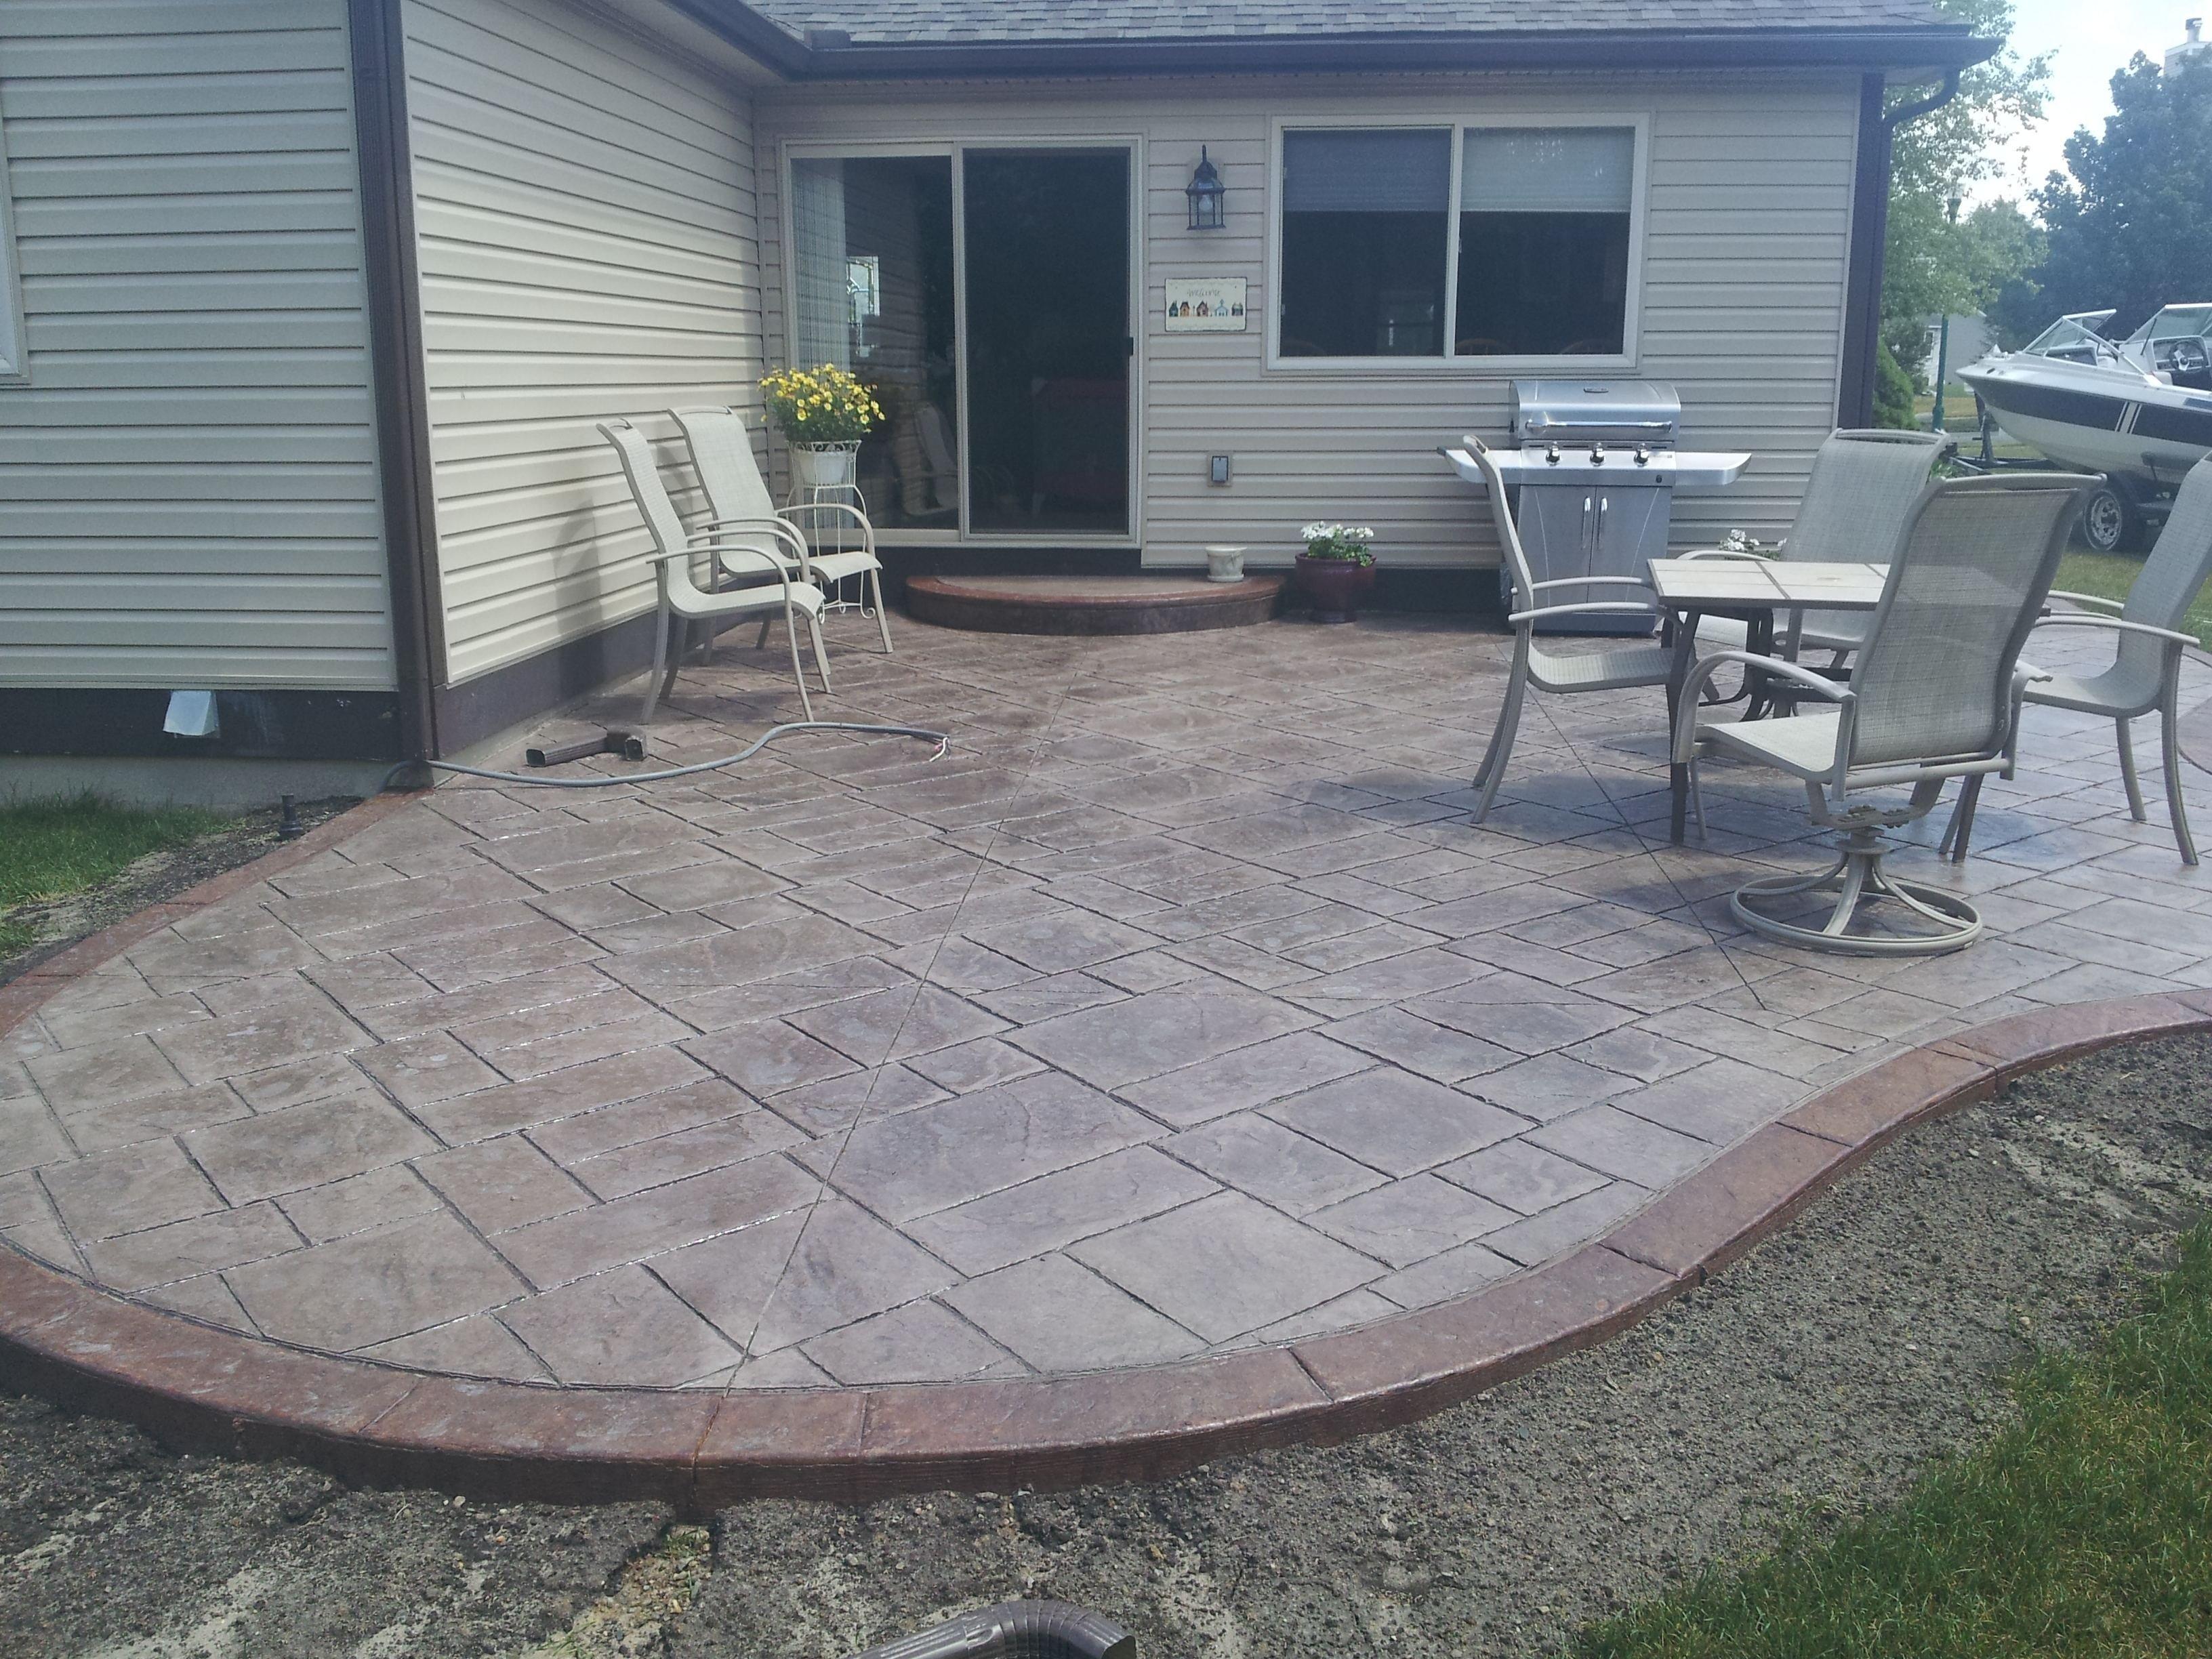 10 Best Concrete Patio Ideas For Small Backyards concrete patio ideas for small backyards stunning concrete slab